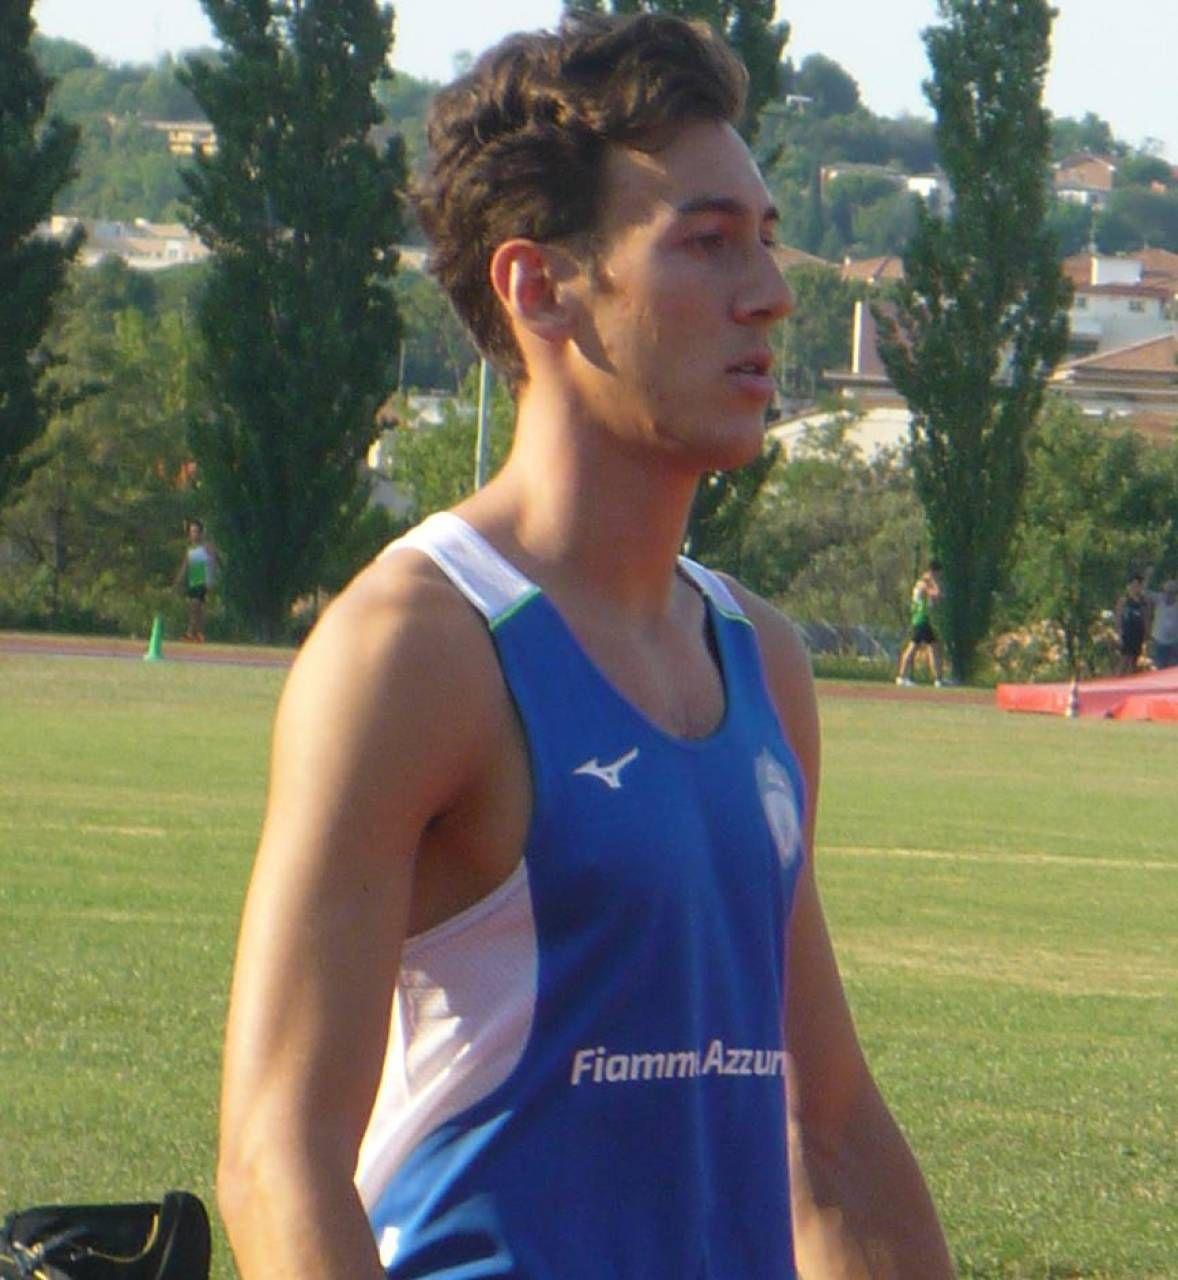 Simone Barontini, 21 anni, di Ancona, corre per Fiamme Azzurre ed è campione italiano degli 800 metri